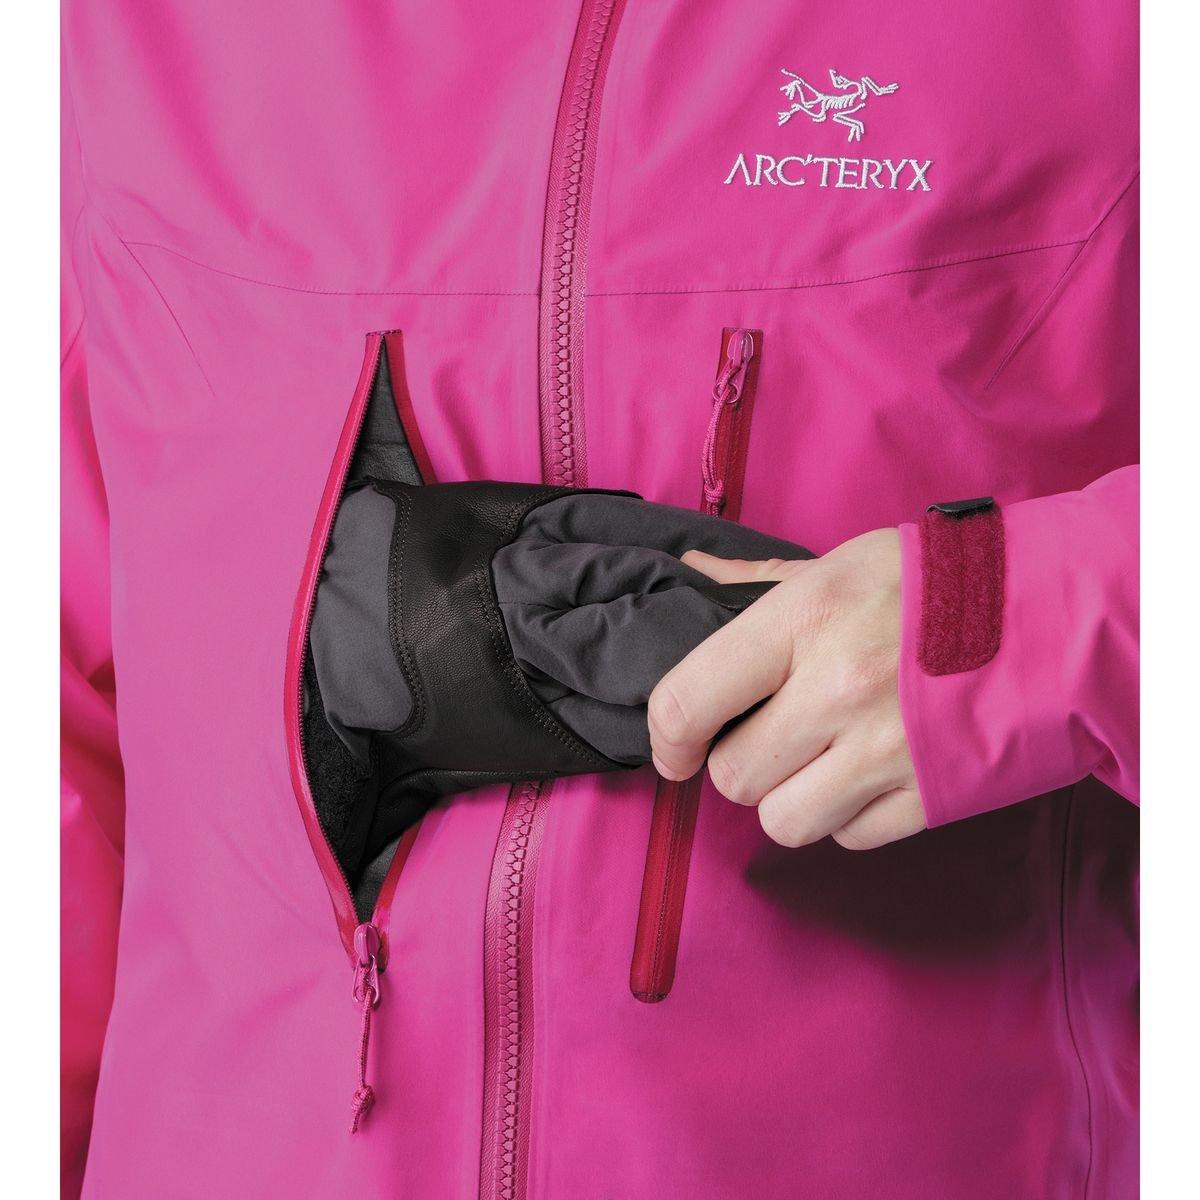 Arcteryx Alpha Ar - Chaqueta para mujer: Amazon.es: Deportes y ...